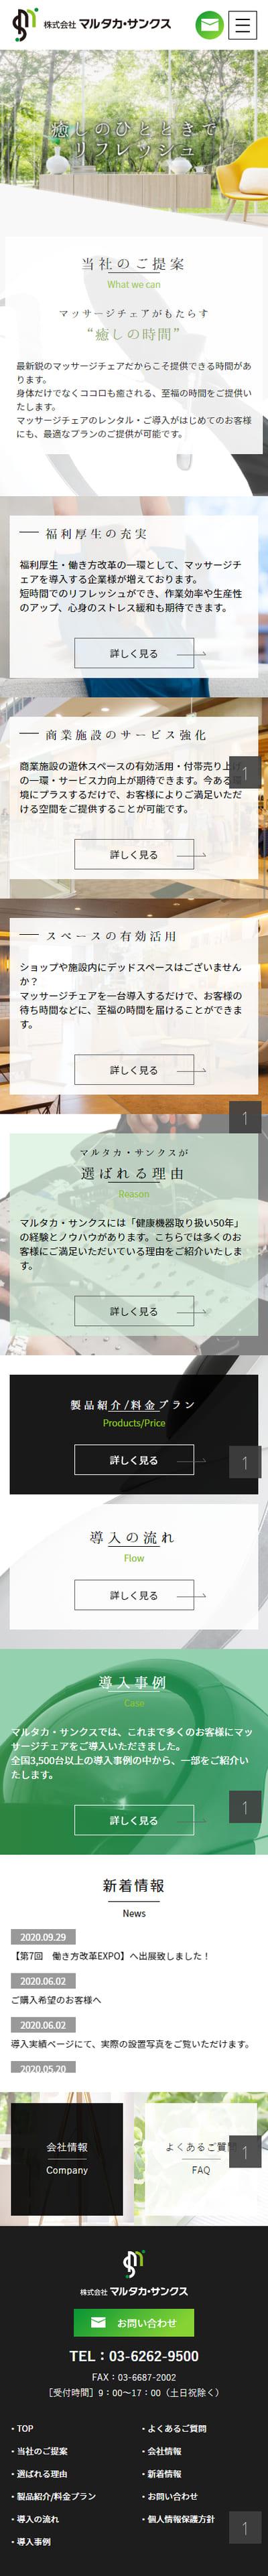 株式会社マルタカ・サンクス